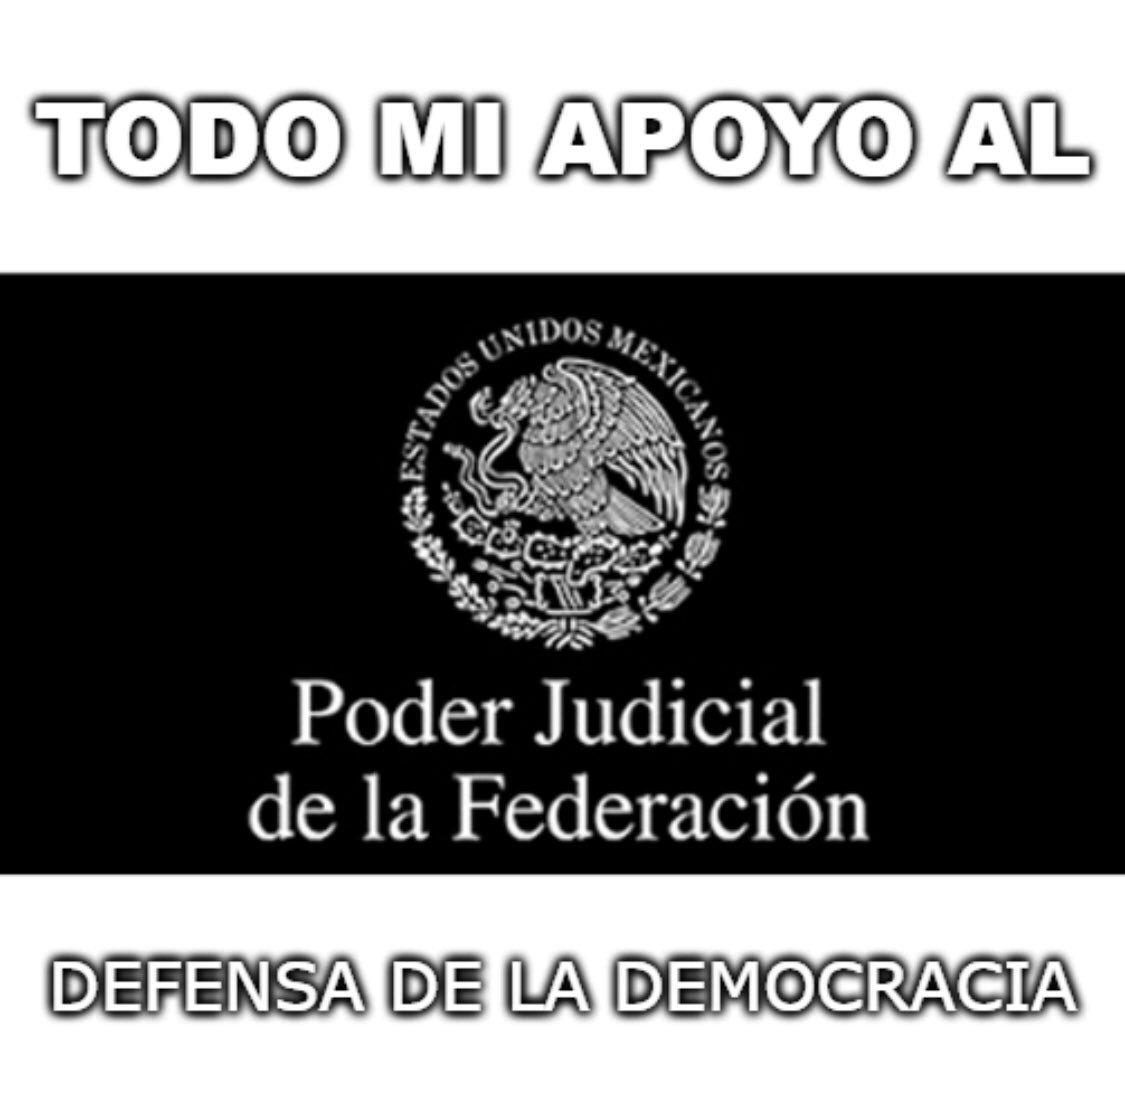 RT @acastagne: Todo mi apoyo al Poder Judicial de la Federación !!! https://t.co/tyJcg7O6nm